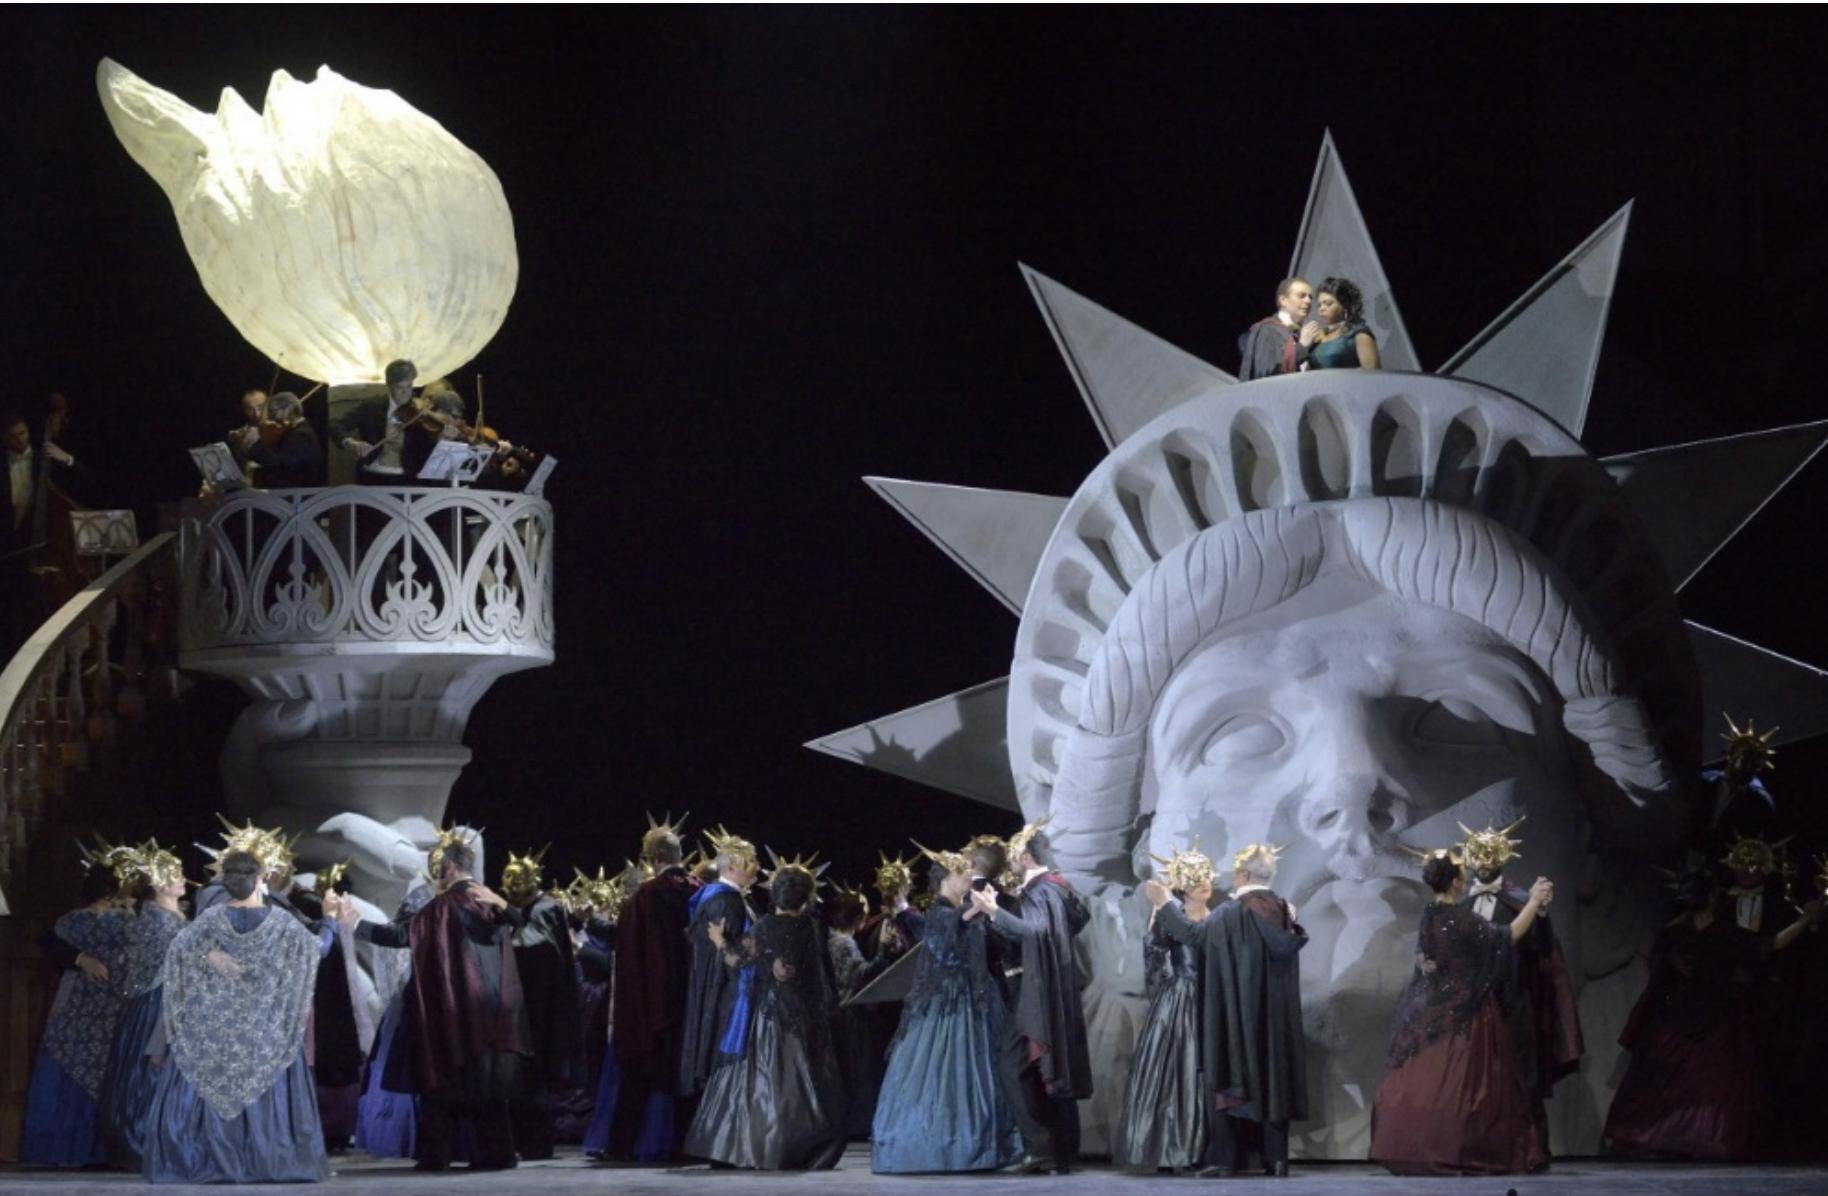 Crítica: Ballo in maschera en el Teatro Real. La música es lo que importa